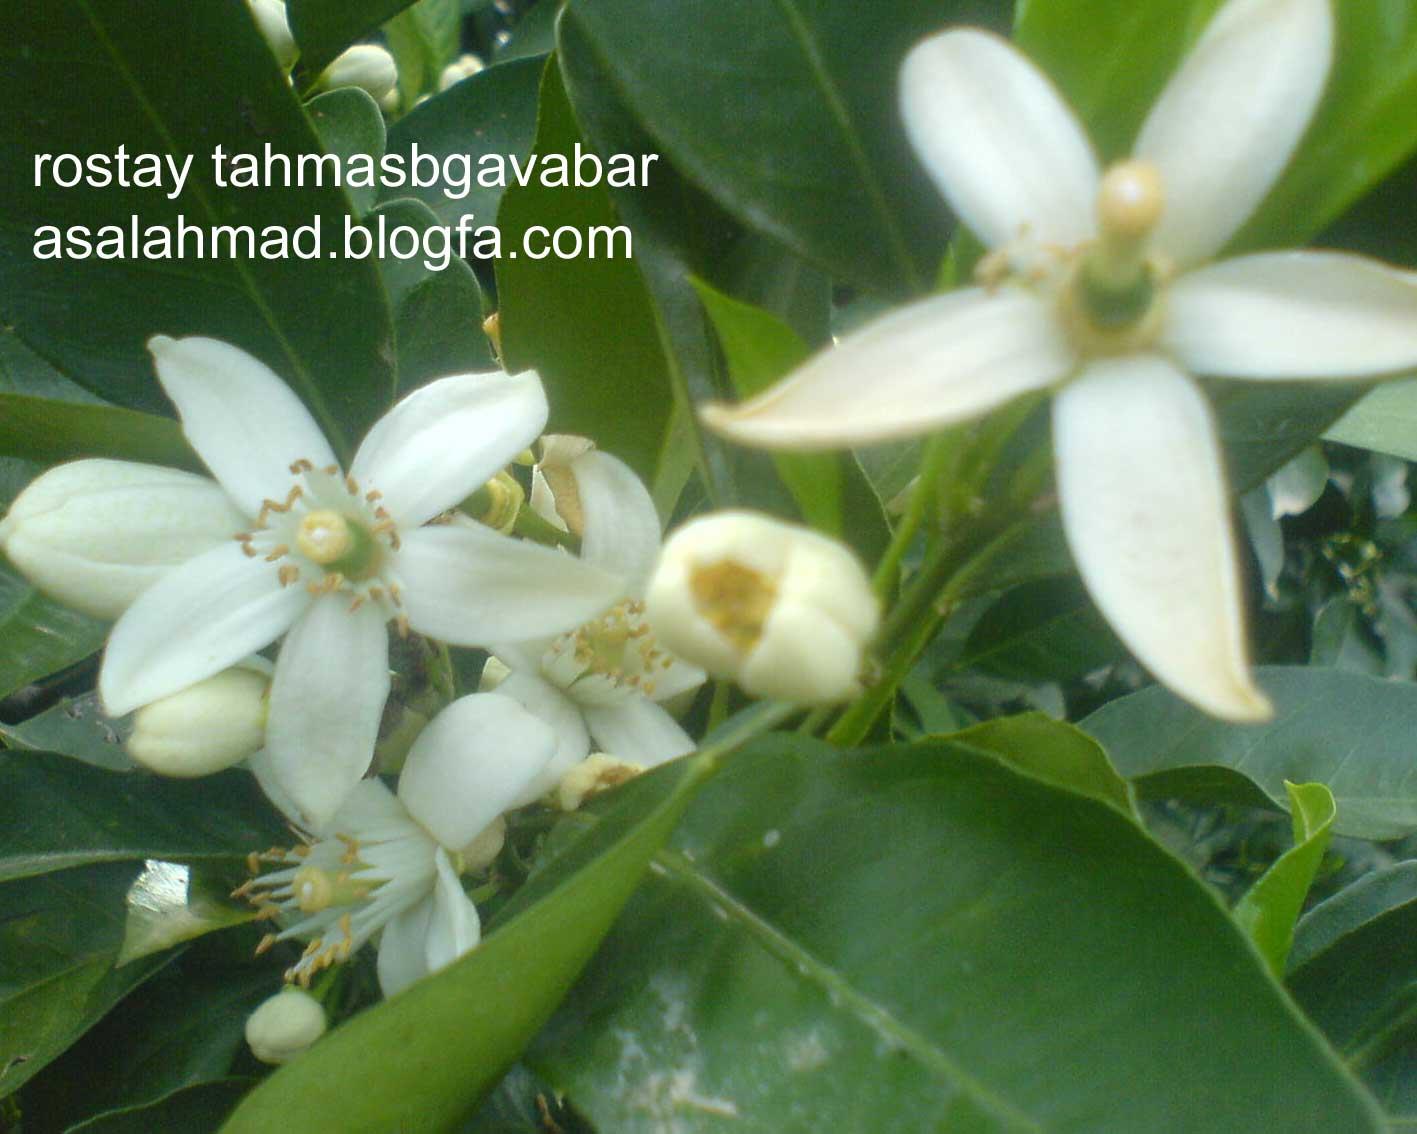 شکوفه های مرکبات در روستای طهماسب گوابر املش